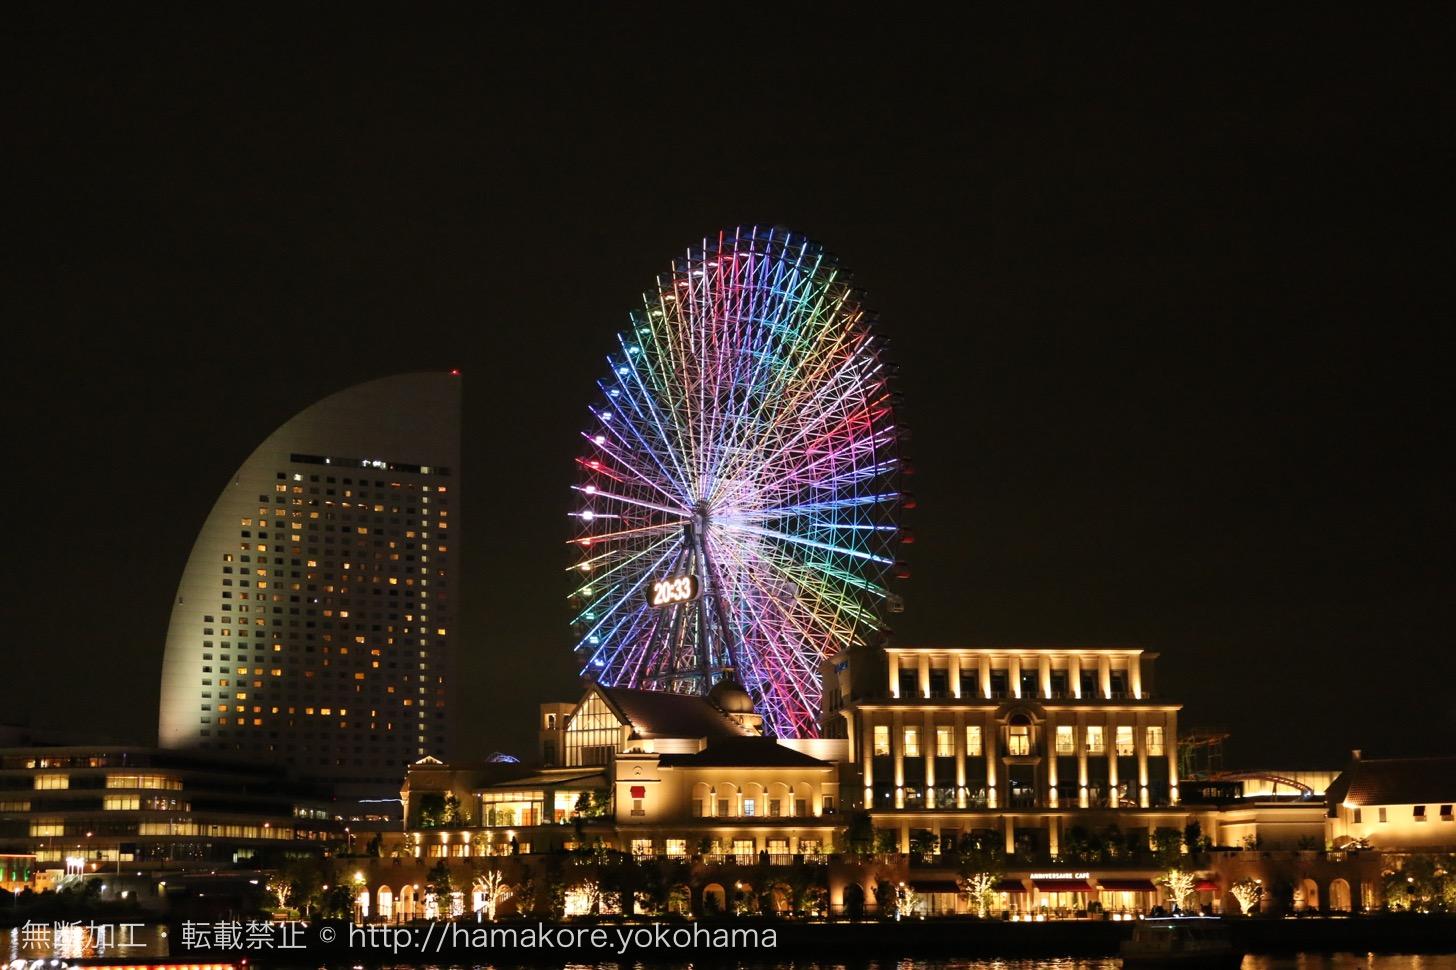 水陸両用バス「スカイダック横浜」が夜景を楽しむ夜間クルーズを開始!